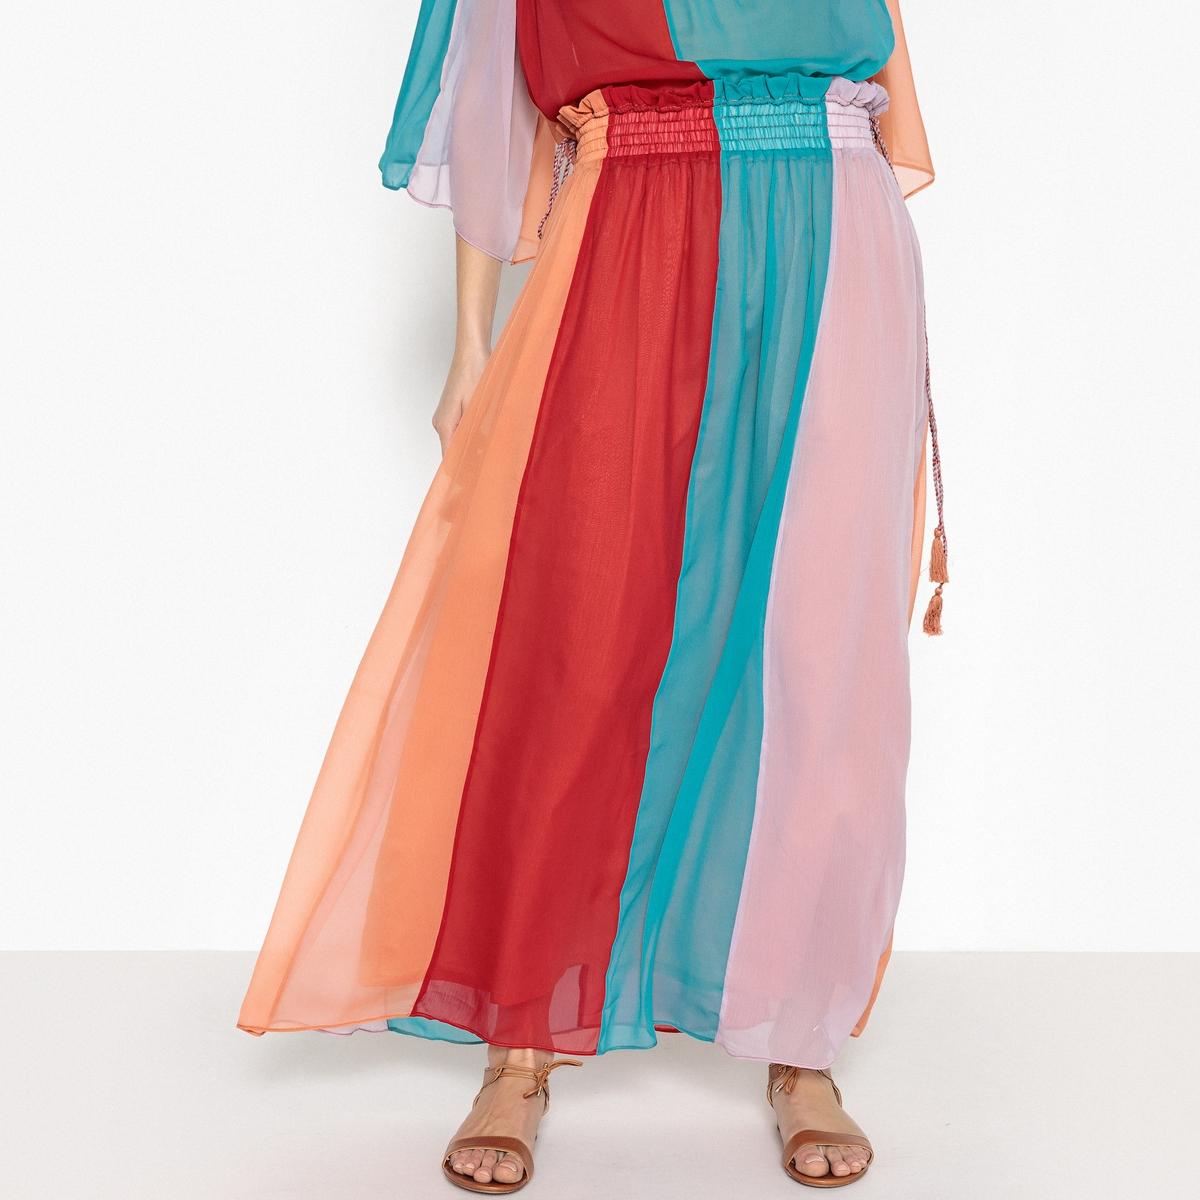 Юбка длинная в полоску из разноцветной вуали ANAIS antik batik мини юбка